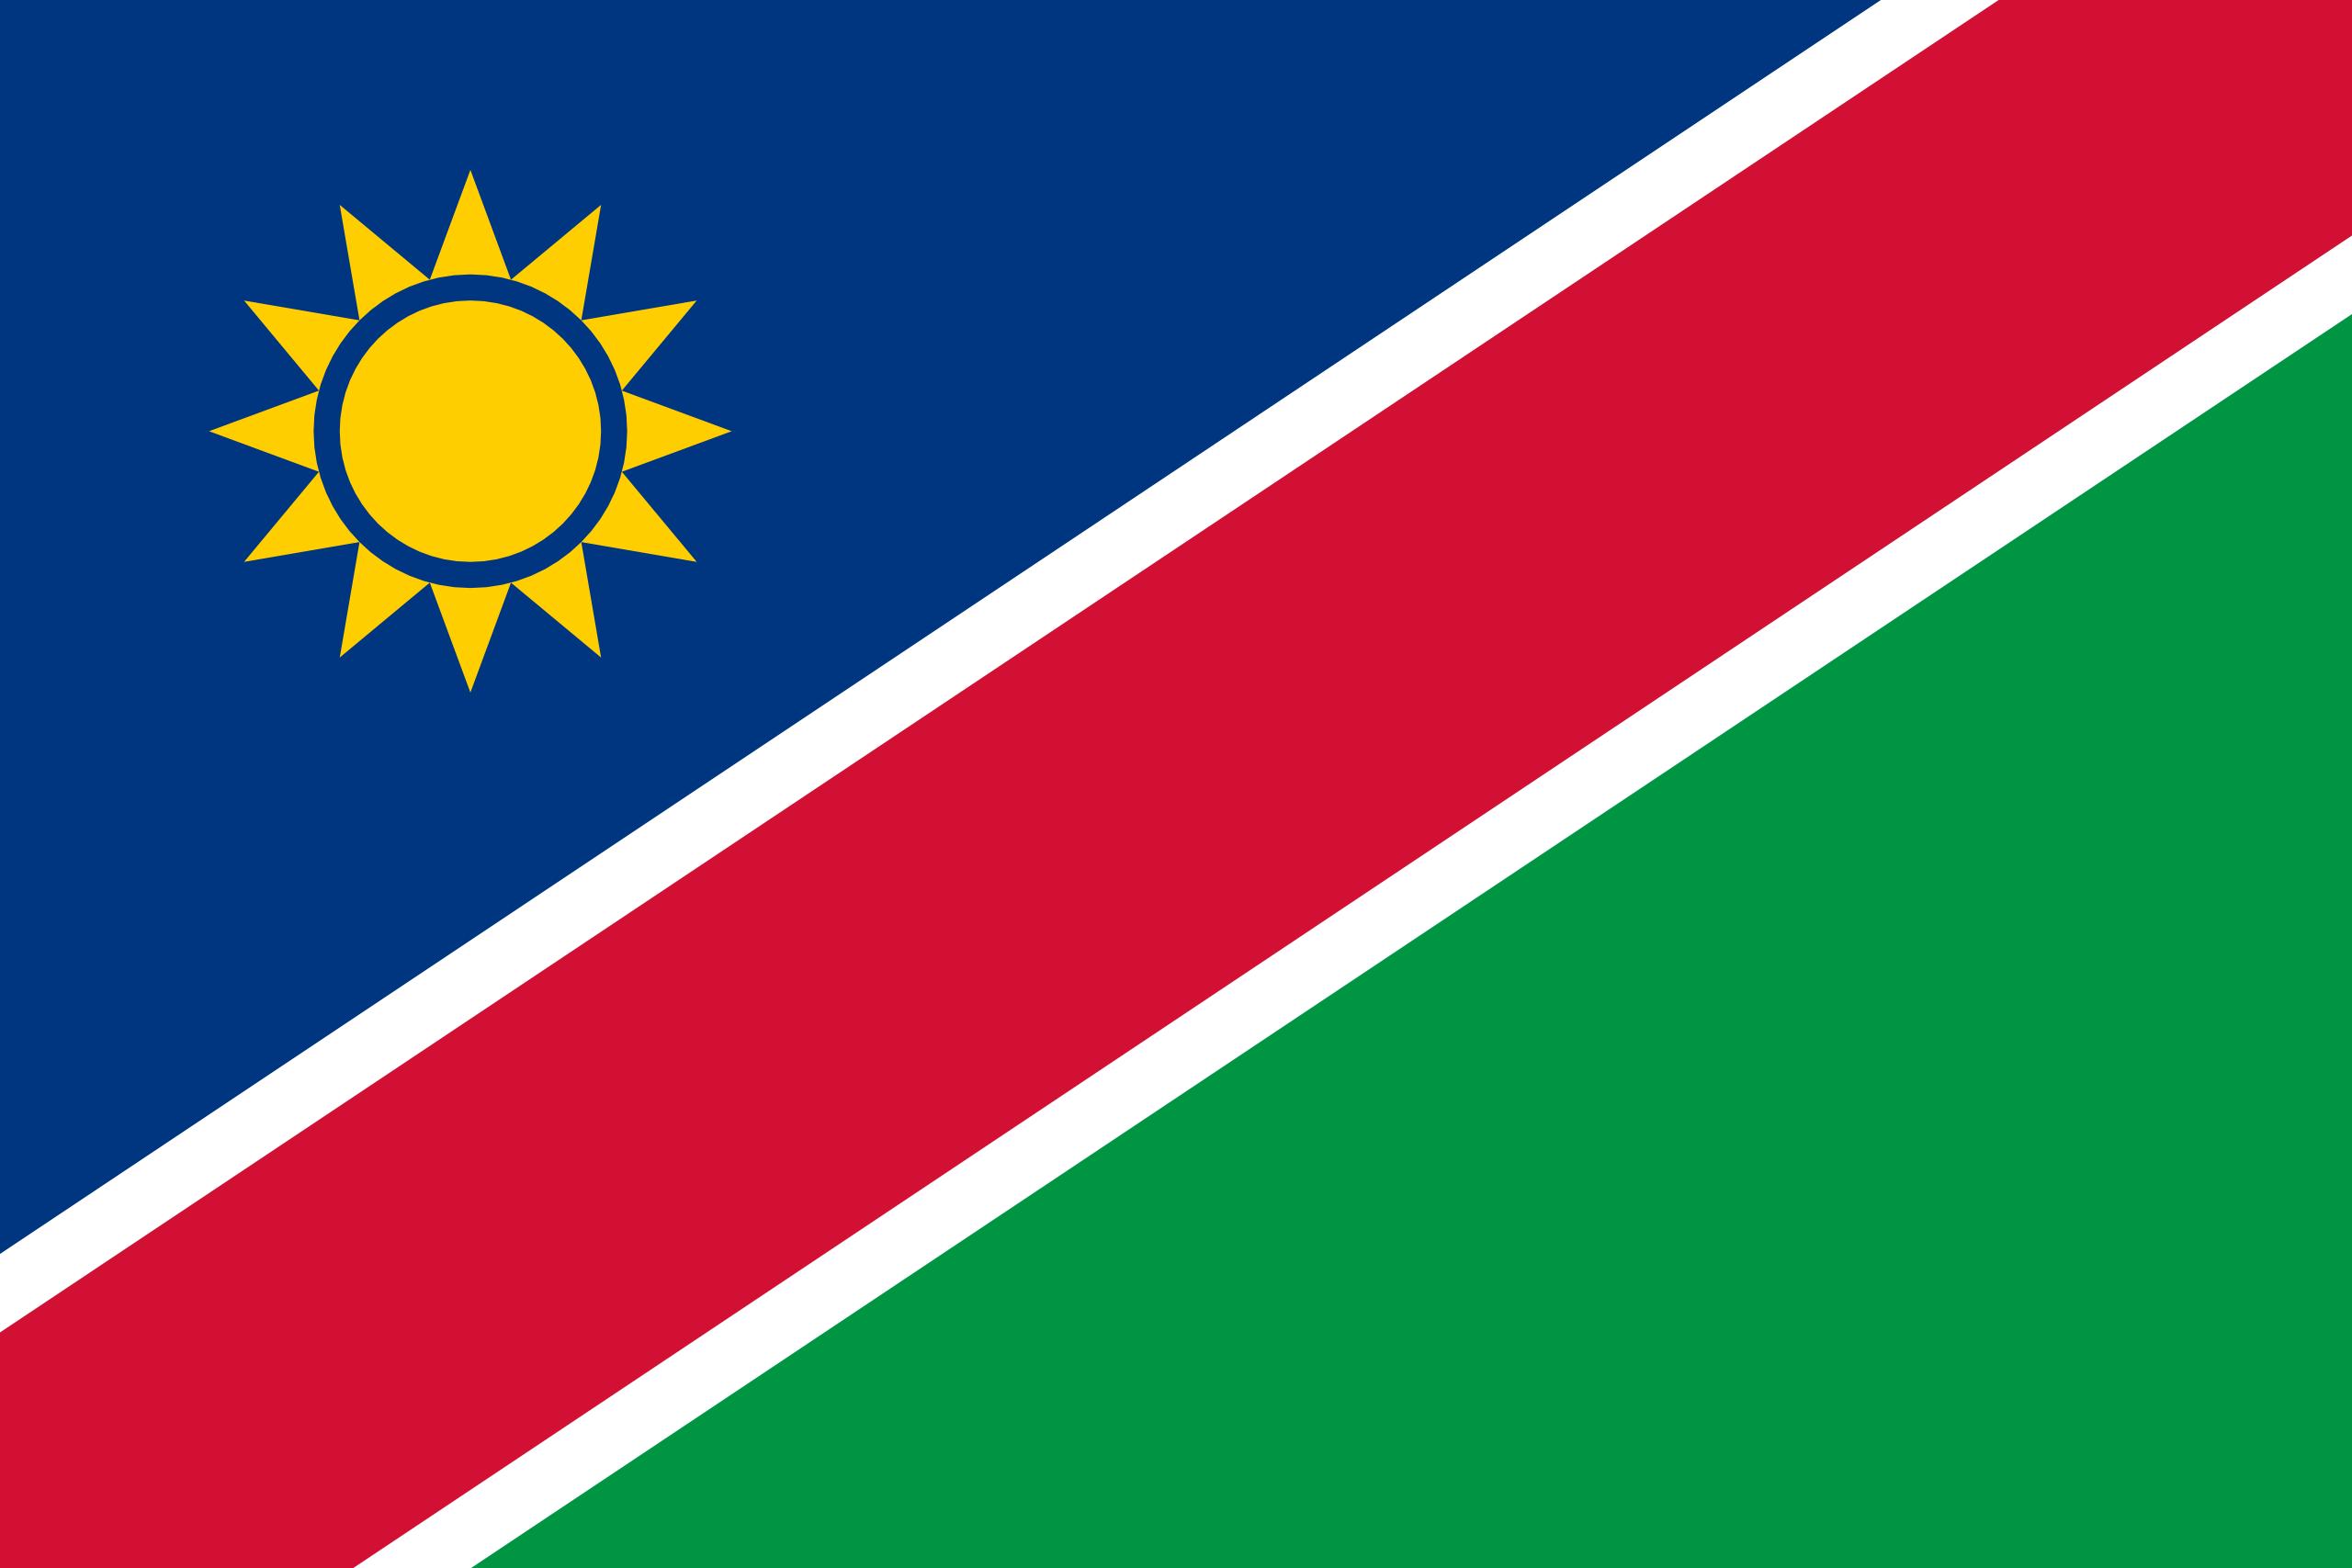 Namibie, pays, emblème, logo, symbole - Fonds d'écran HD - Professor-falken.com